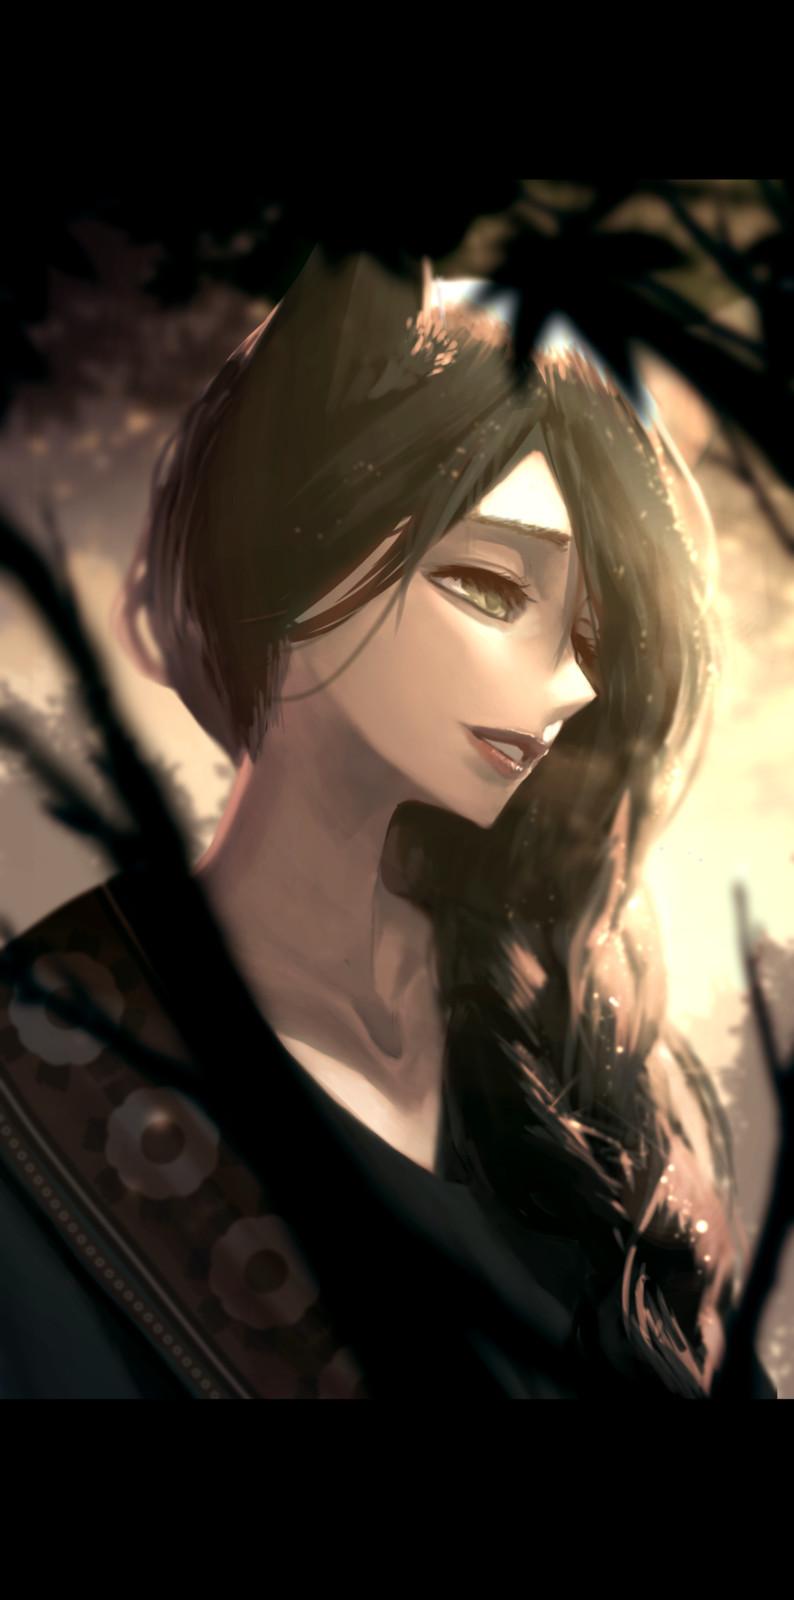 Character portrait practice : Kali Belladonna